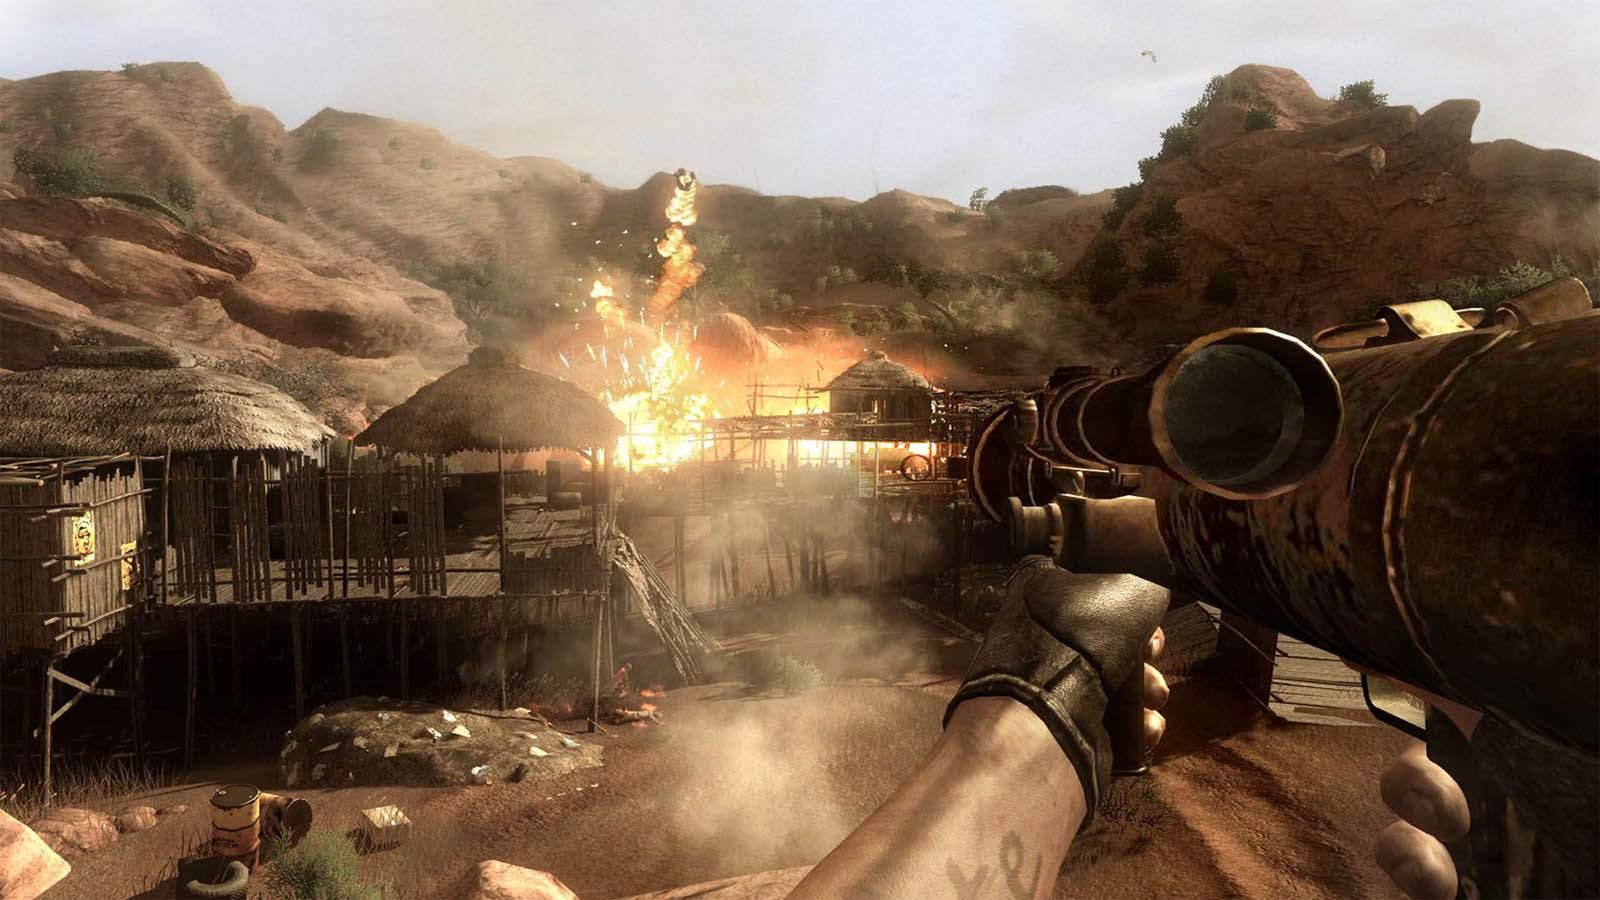 تحميل لعبة Far Cry 2 مضغوطة برابط واحد مباشر كاملة مجانا